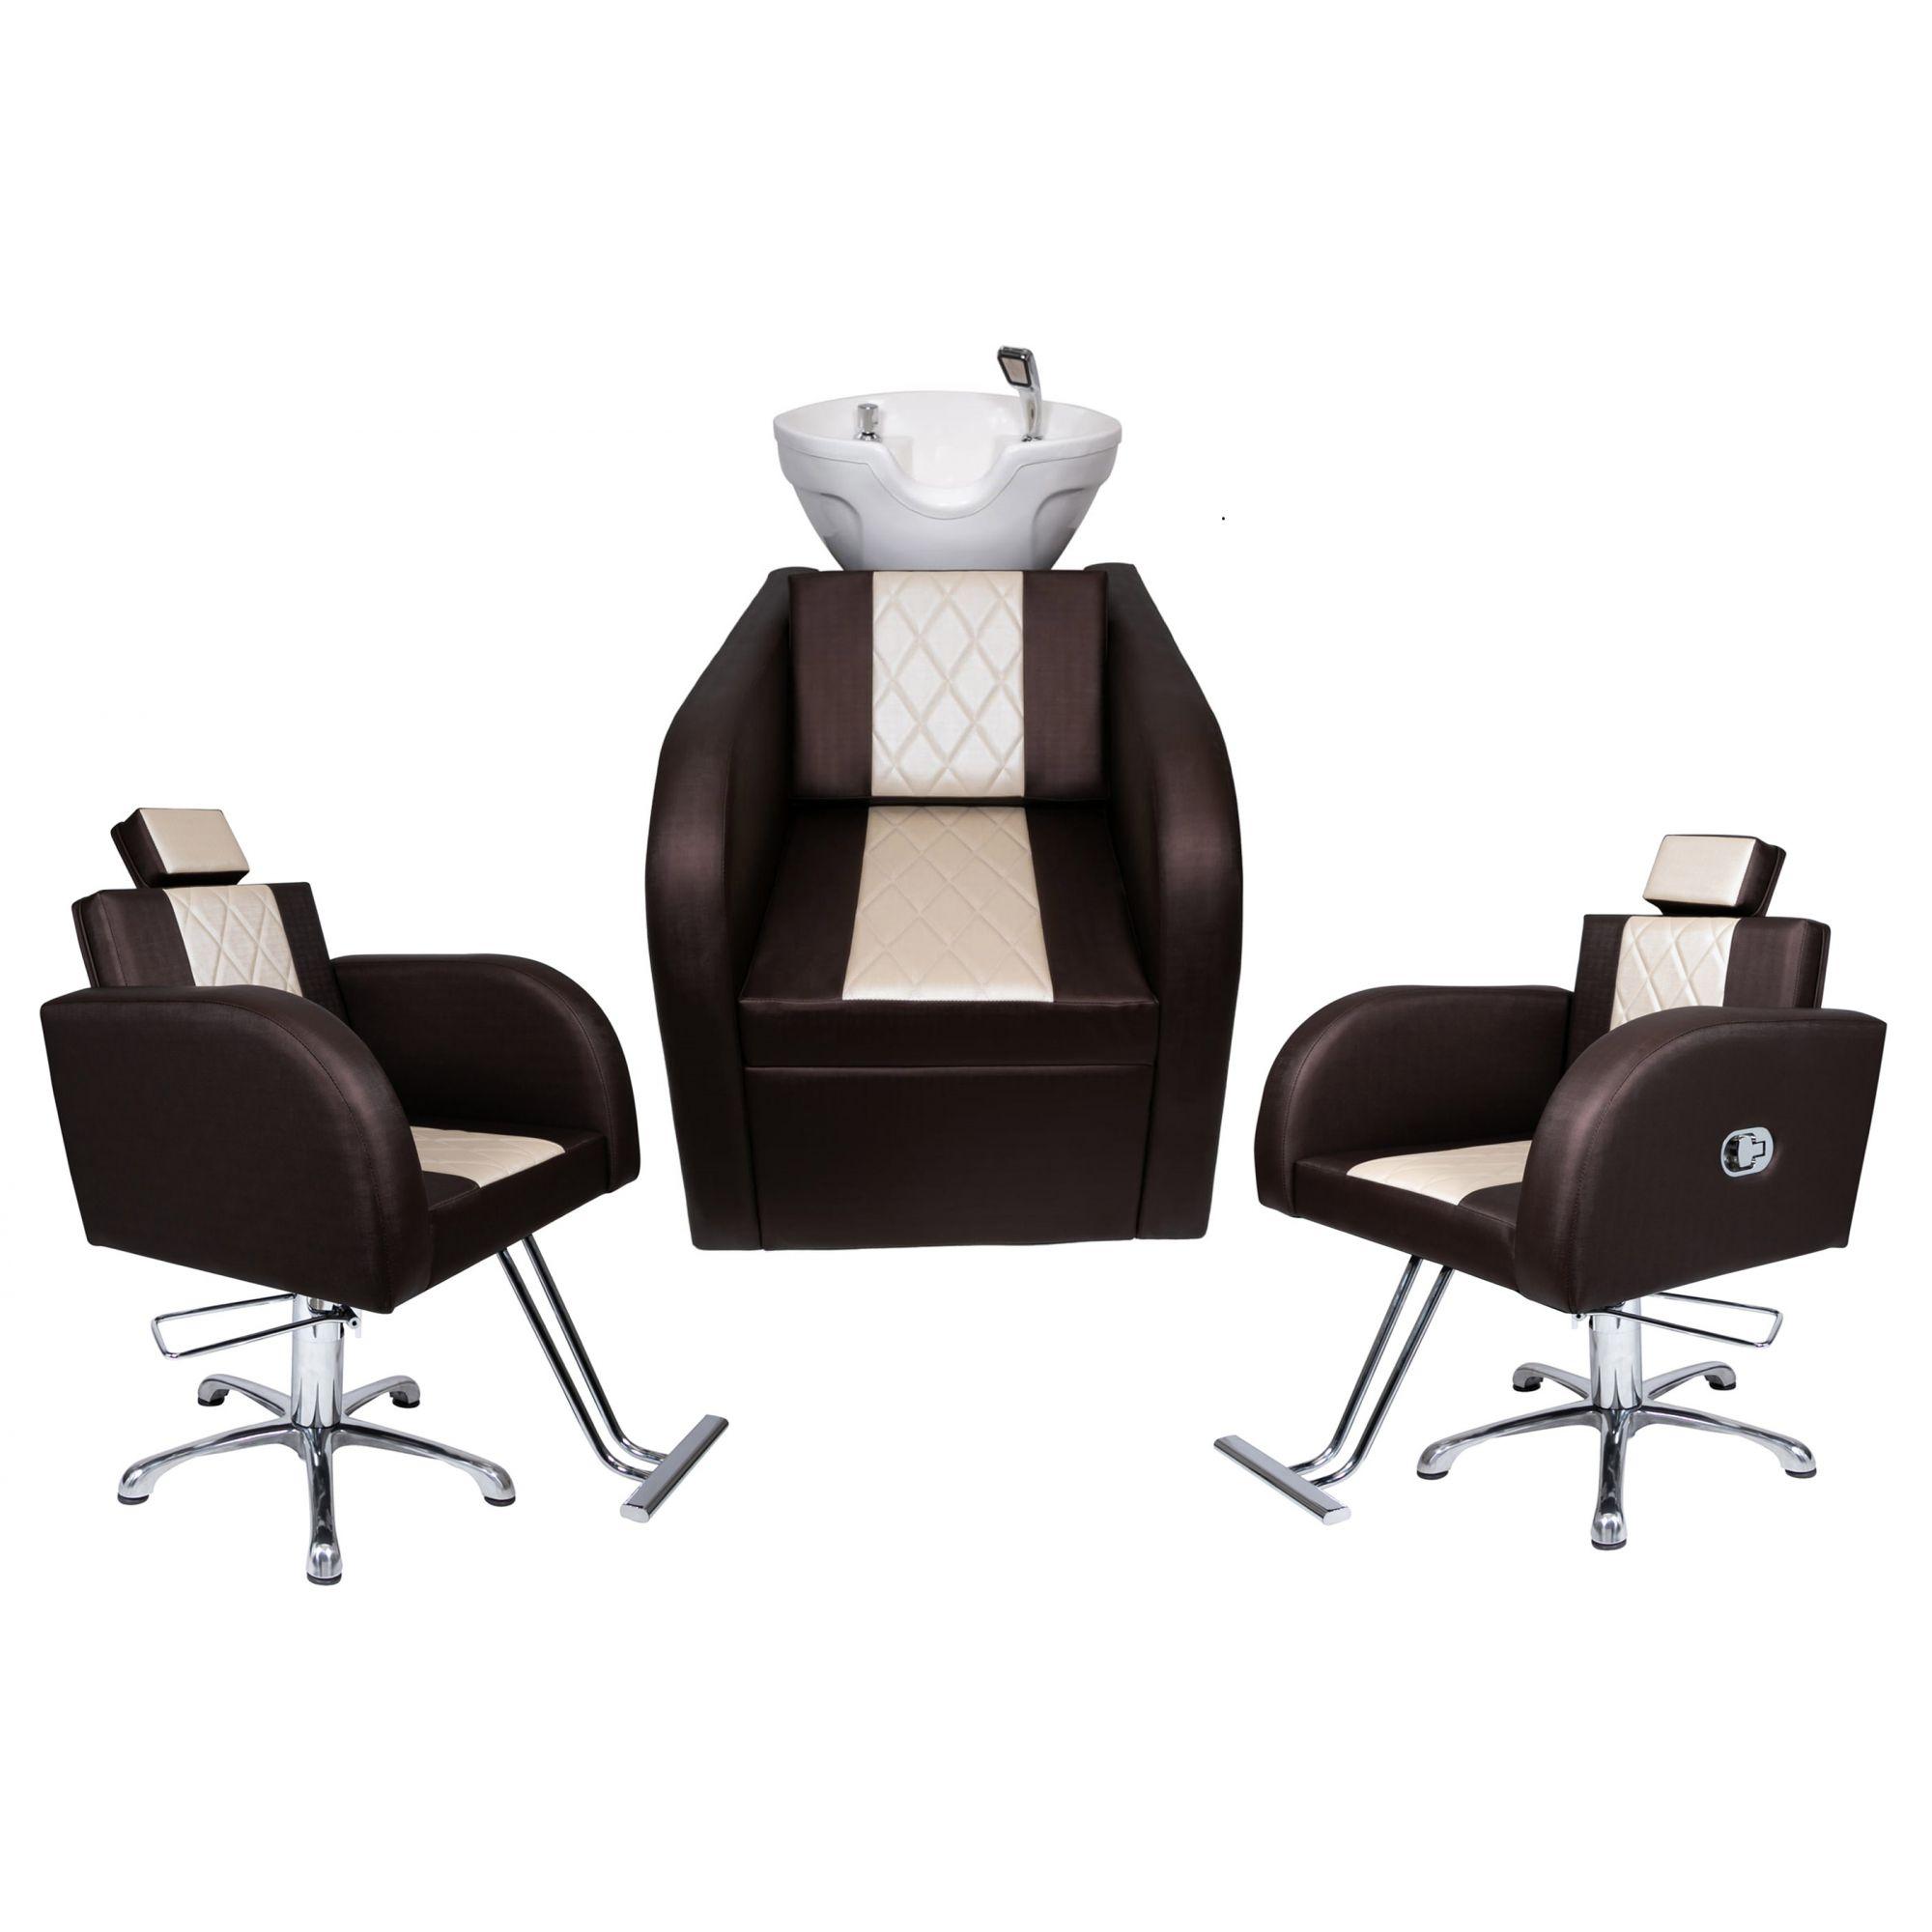 Lavatório Stilo Fibra Branca Bege/Marrom +1 Cadeiras Stilo Fixa +1 Cadeira Stilo Recl.